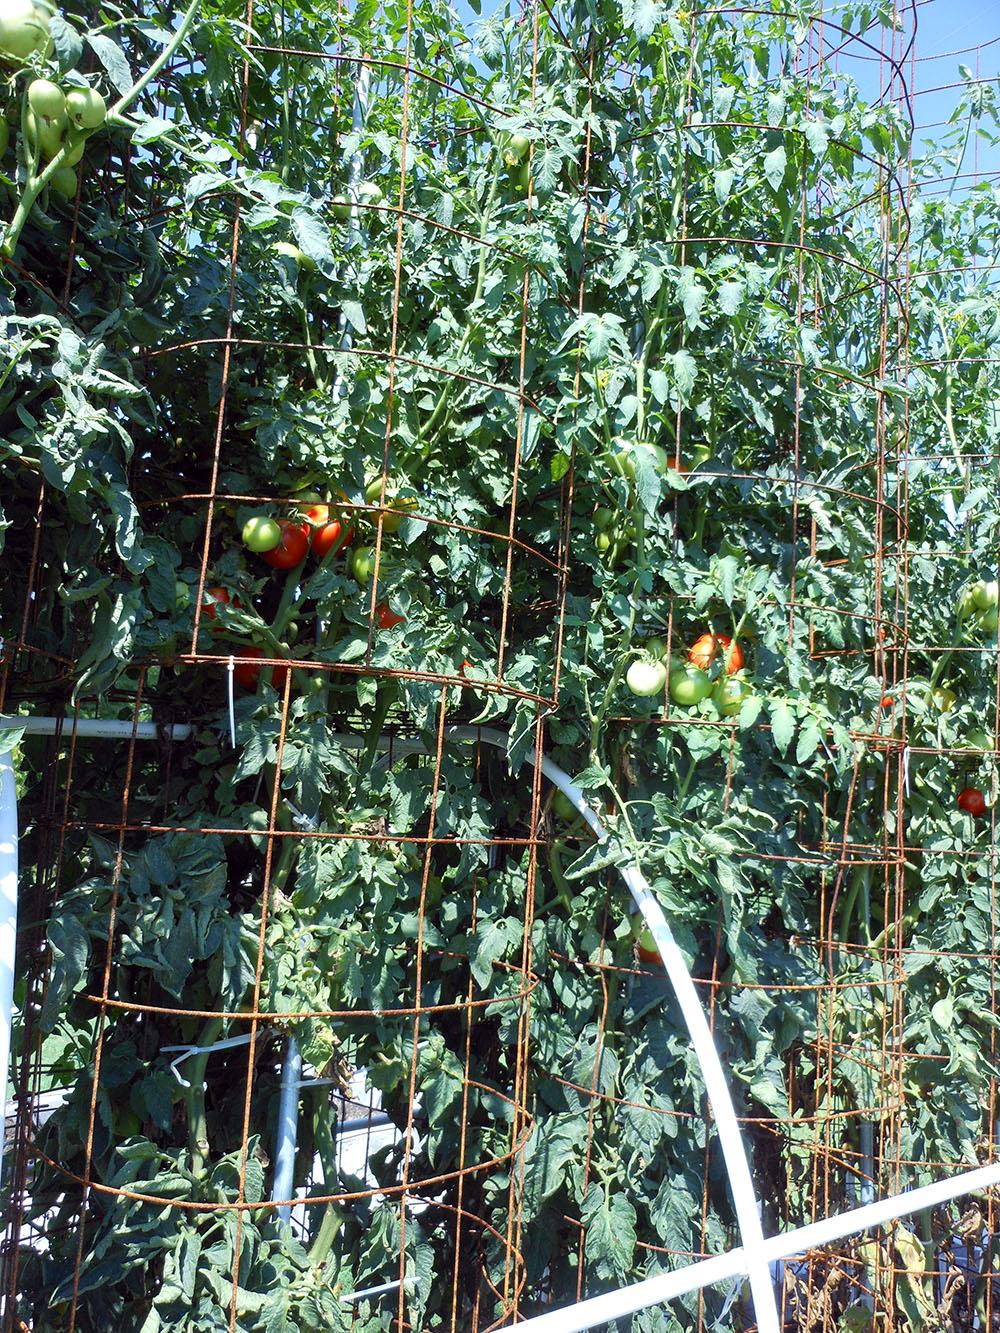 07-30-2016-Tomato-Plants-St-Pauls-S-11